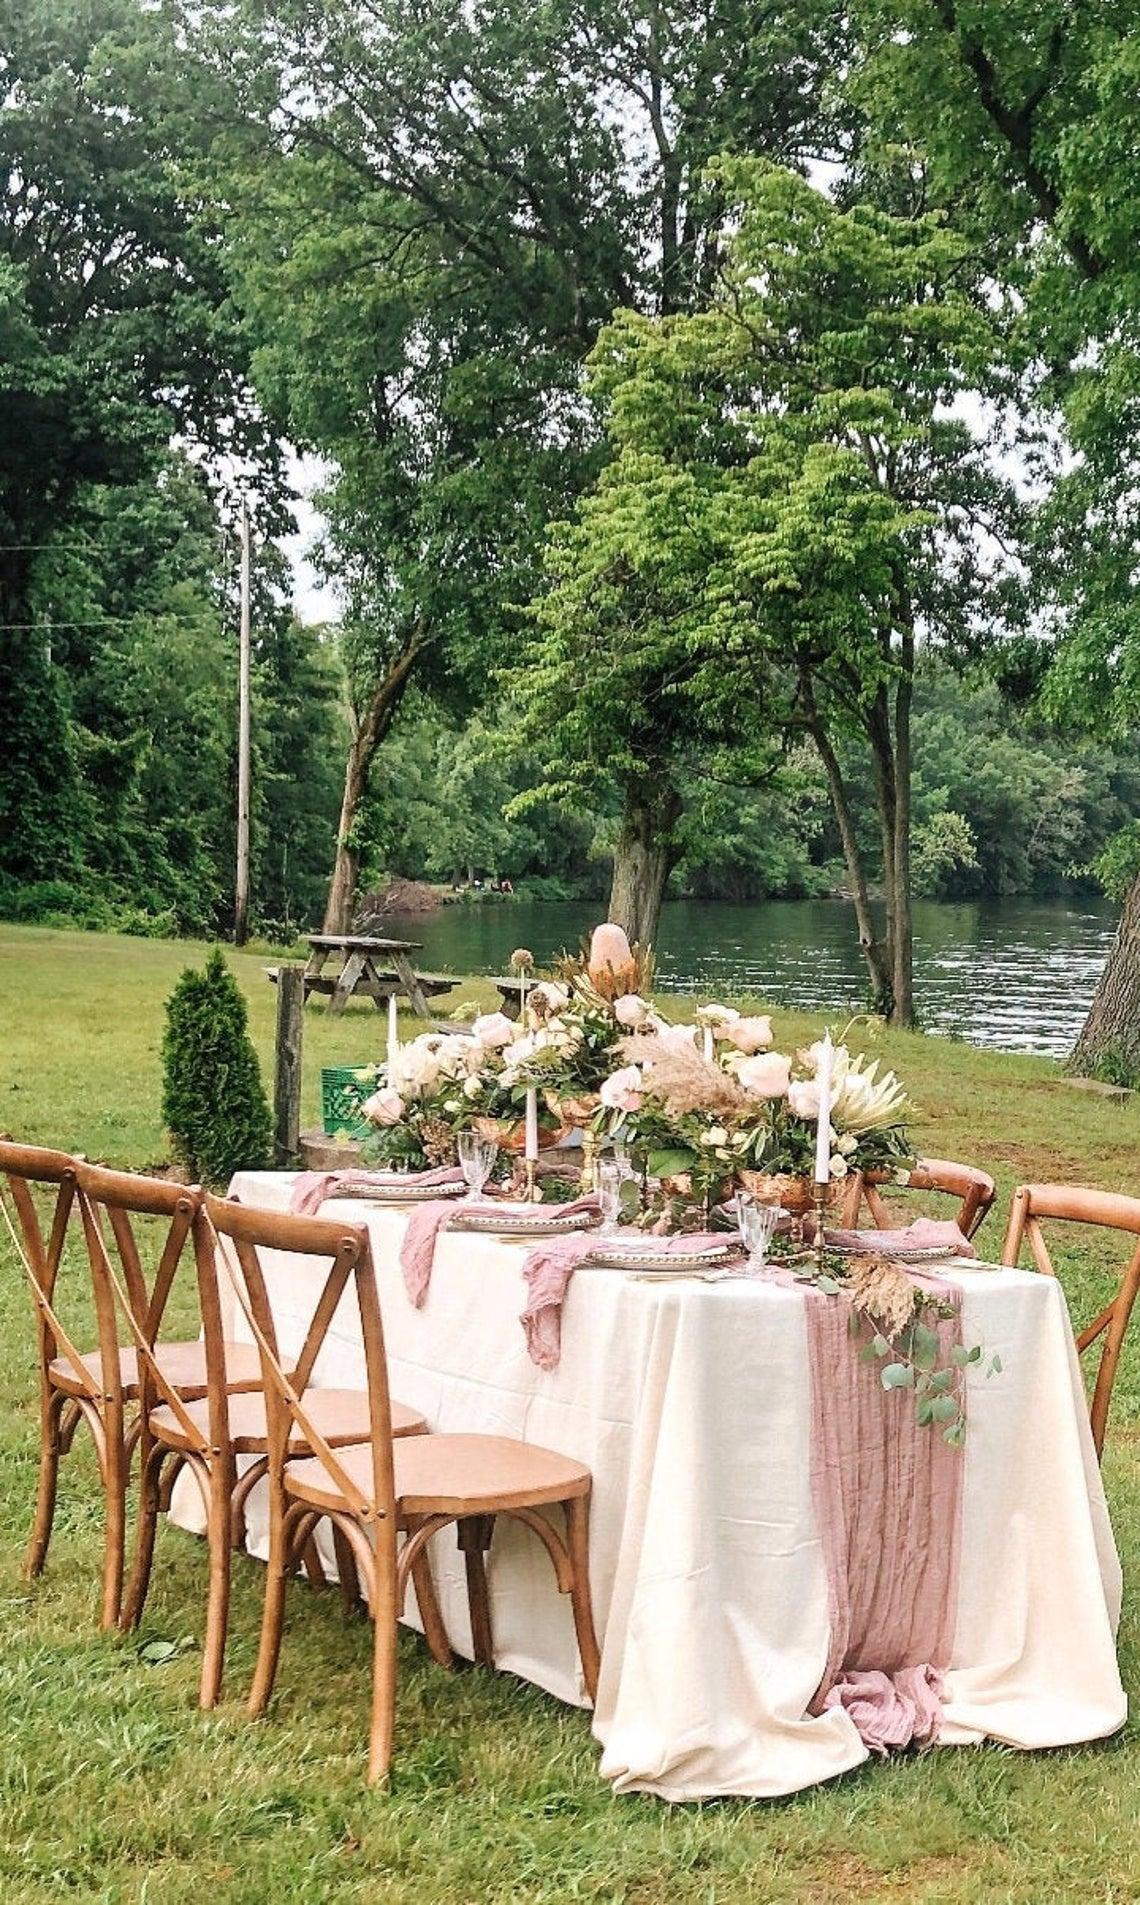 vjenčanje u prirodi